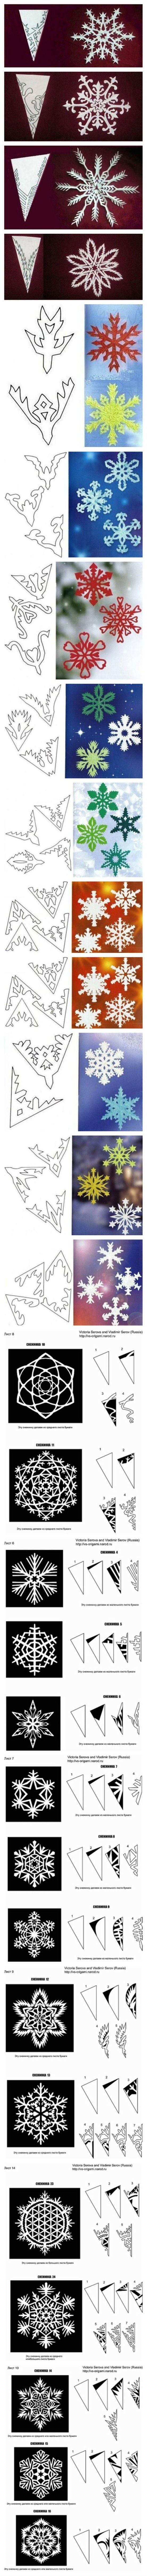 Snowflake patterns... wow!